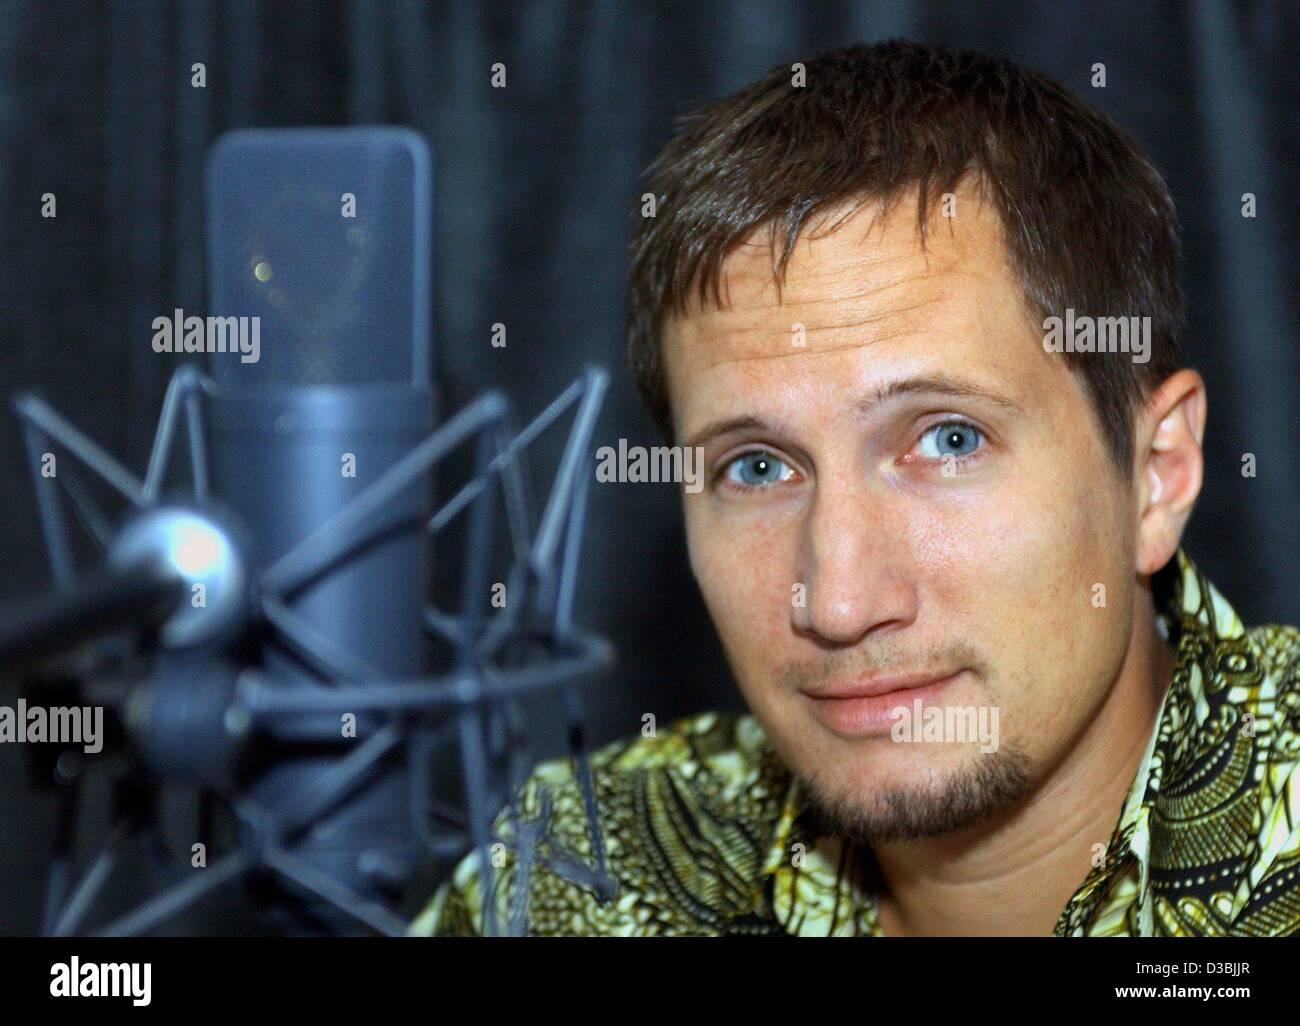 Dpa) - deutscher Schauspieler Benno Fuermann (\